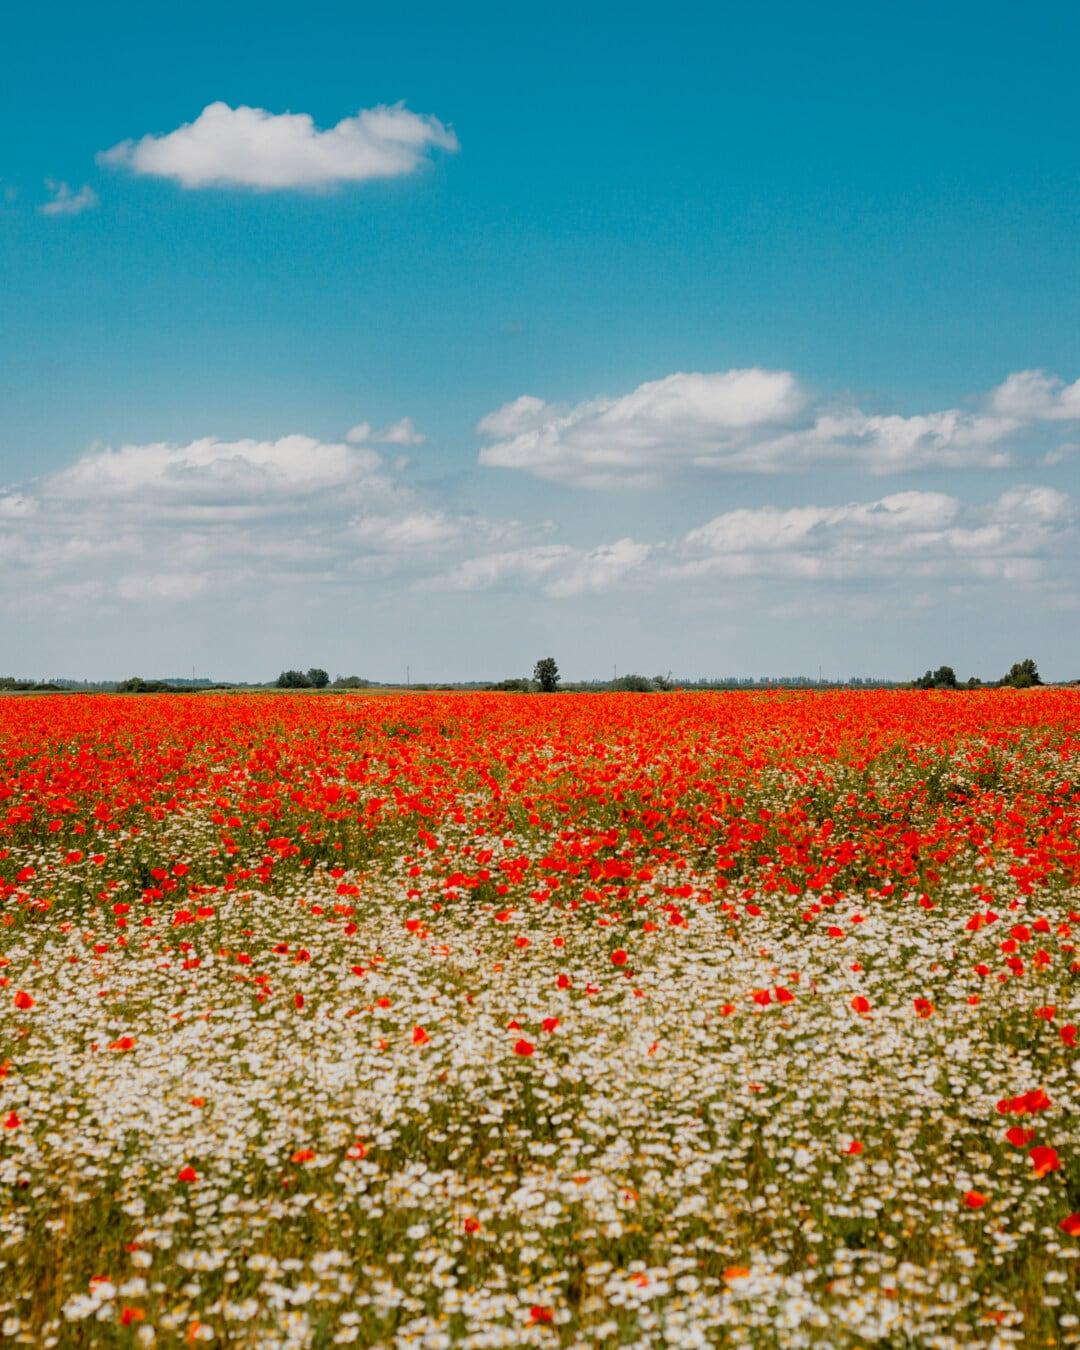 Feld, Landschaft, des ländlichen Raums, Mohn, Blume, Natur, Sommer, Landschaft, Flora, Landwirtschaft